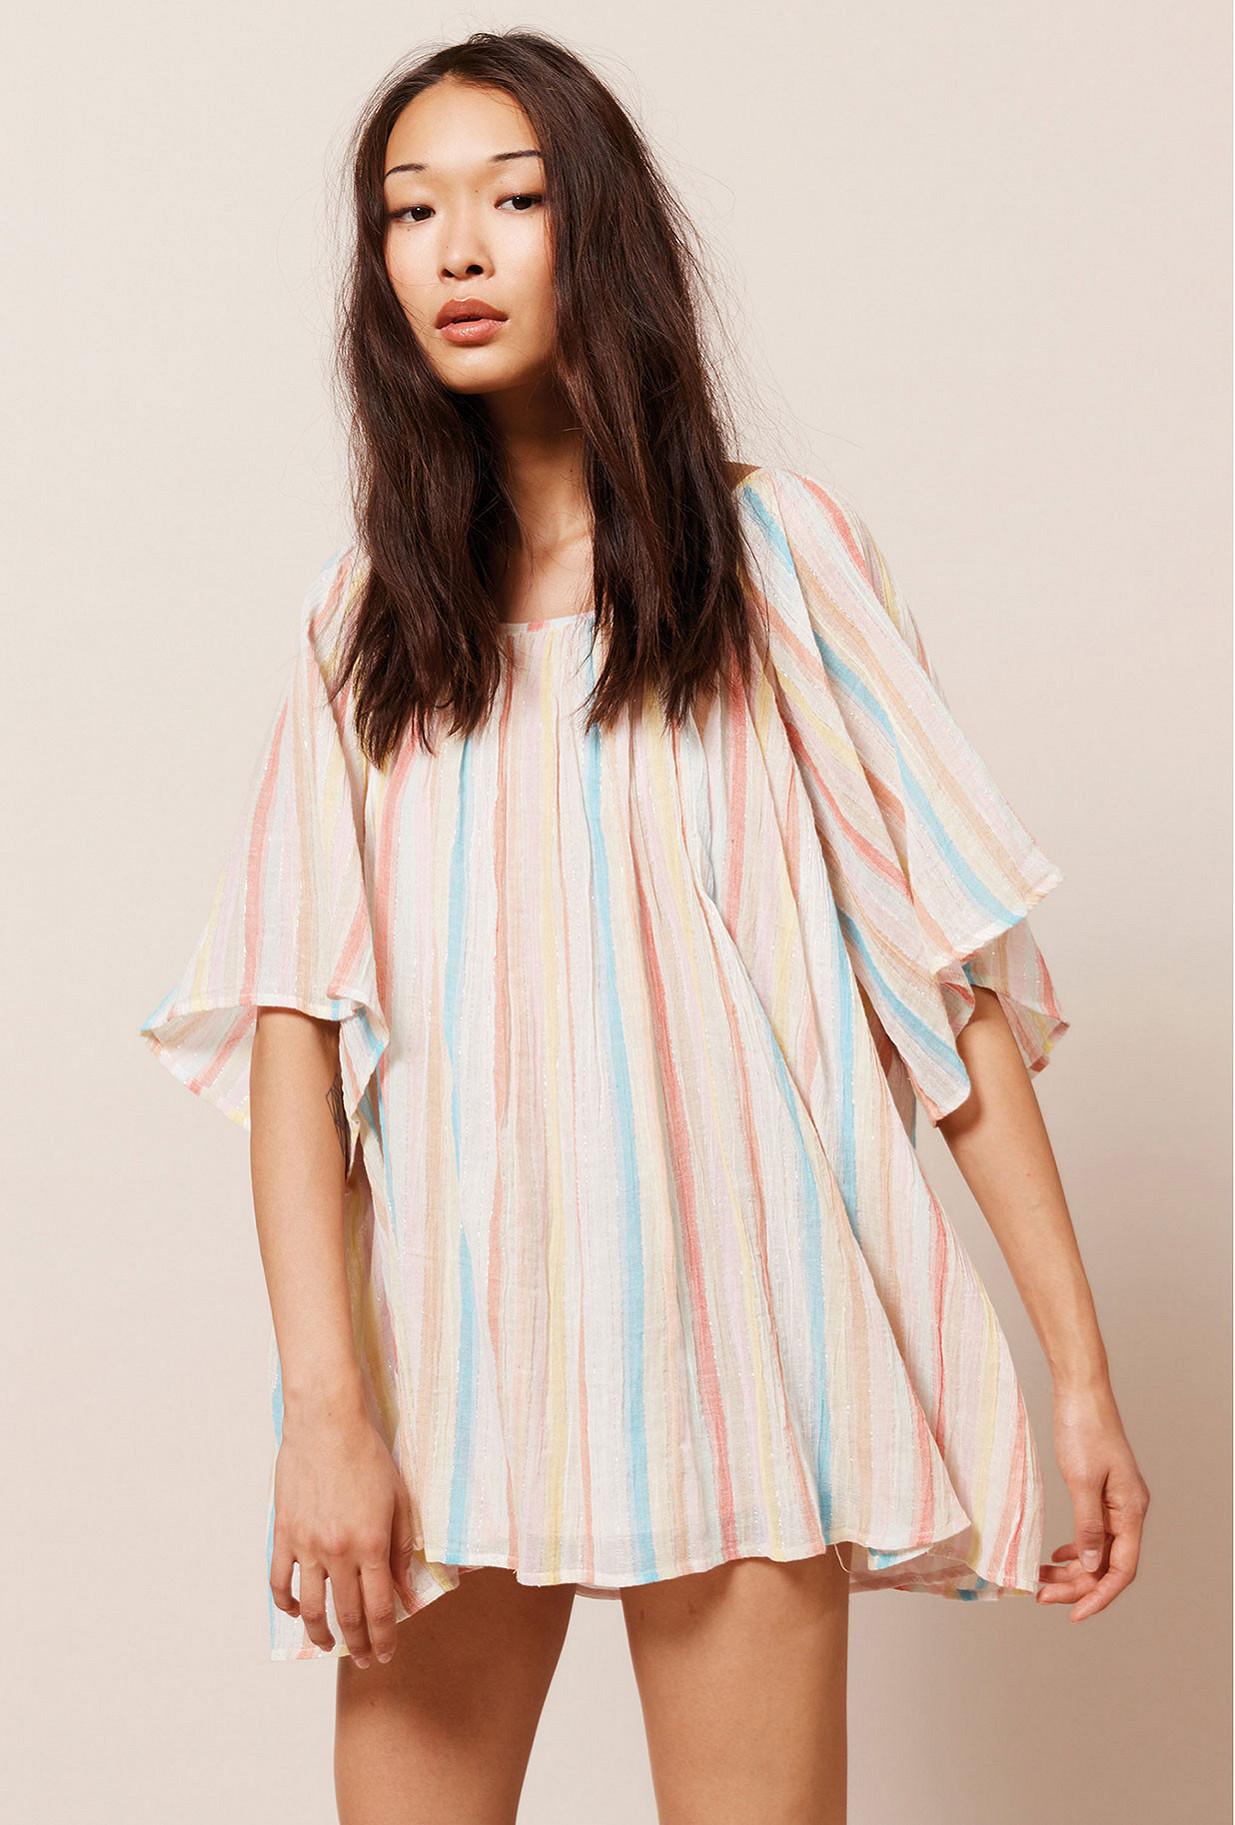 Paris boutique de mode vêtement Top créateur bohème  Rokhya